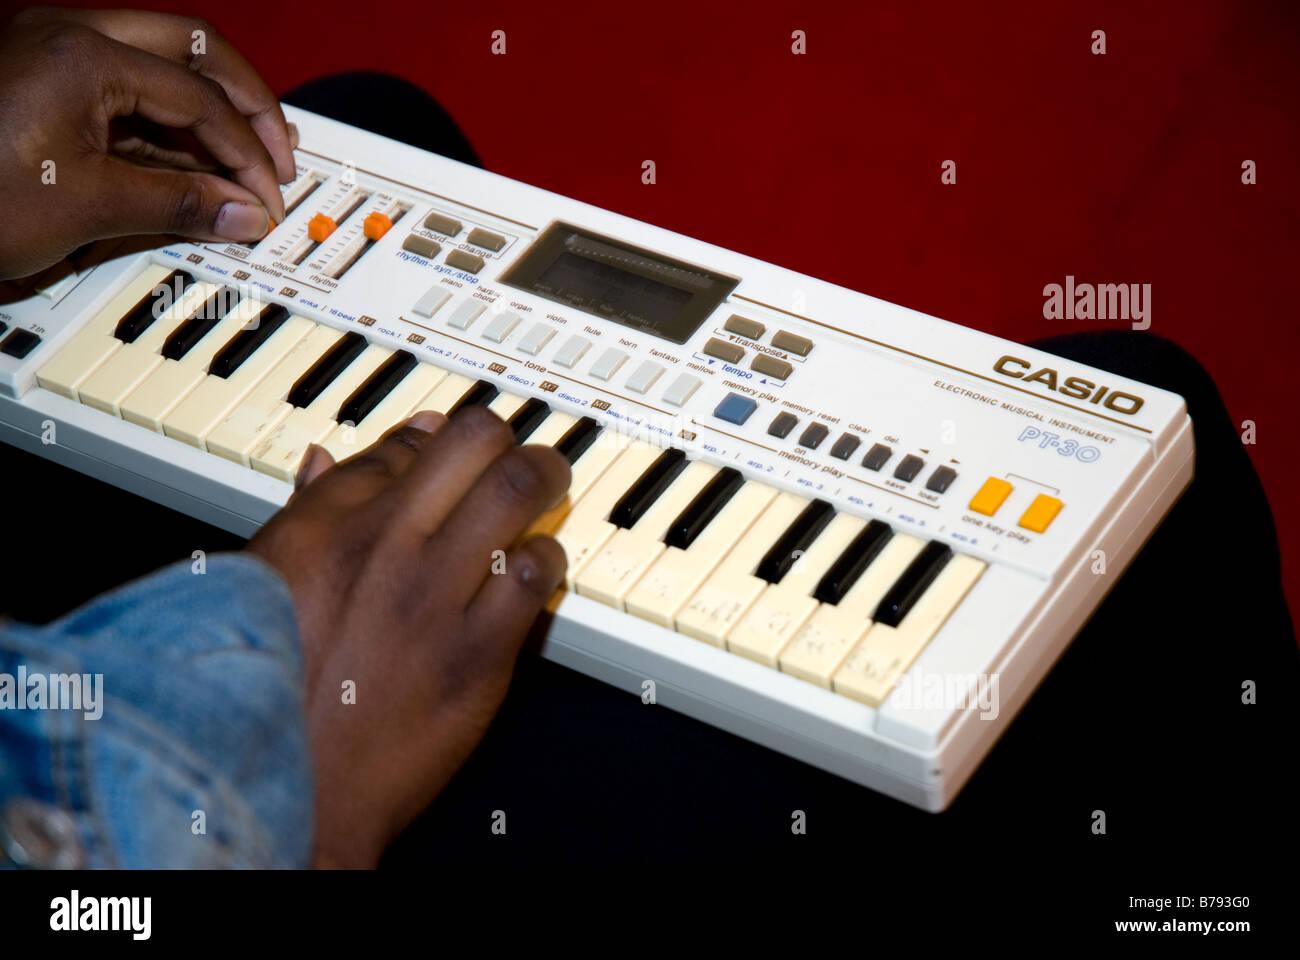 Playing a mini Casio keyboard - Stock Image